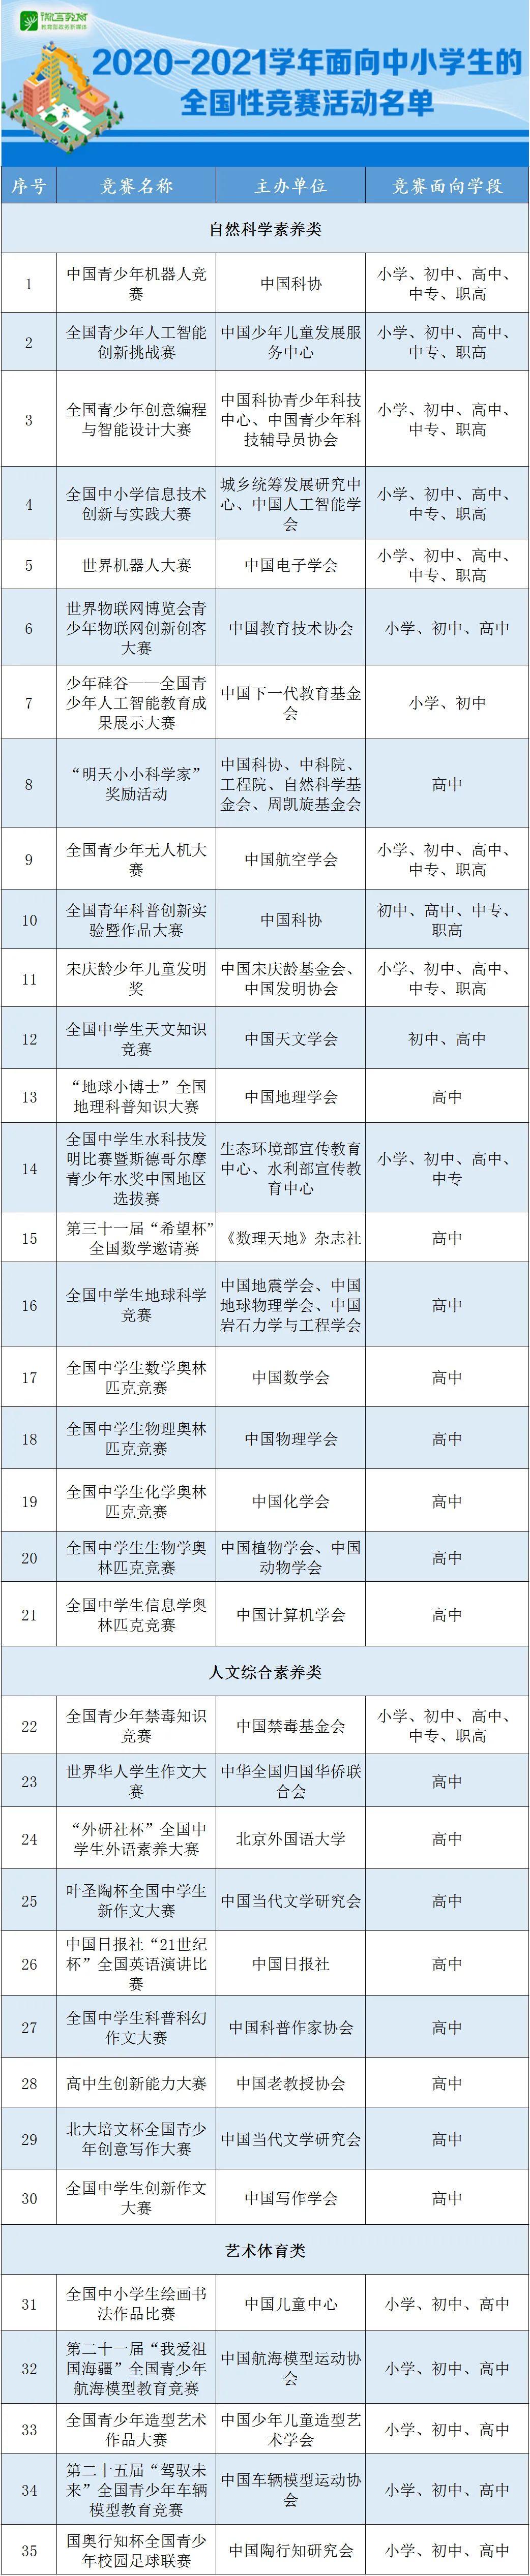 官方认可!教育部公示本学年度面向中小学生的35项全国性竞赛活动名单